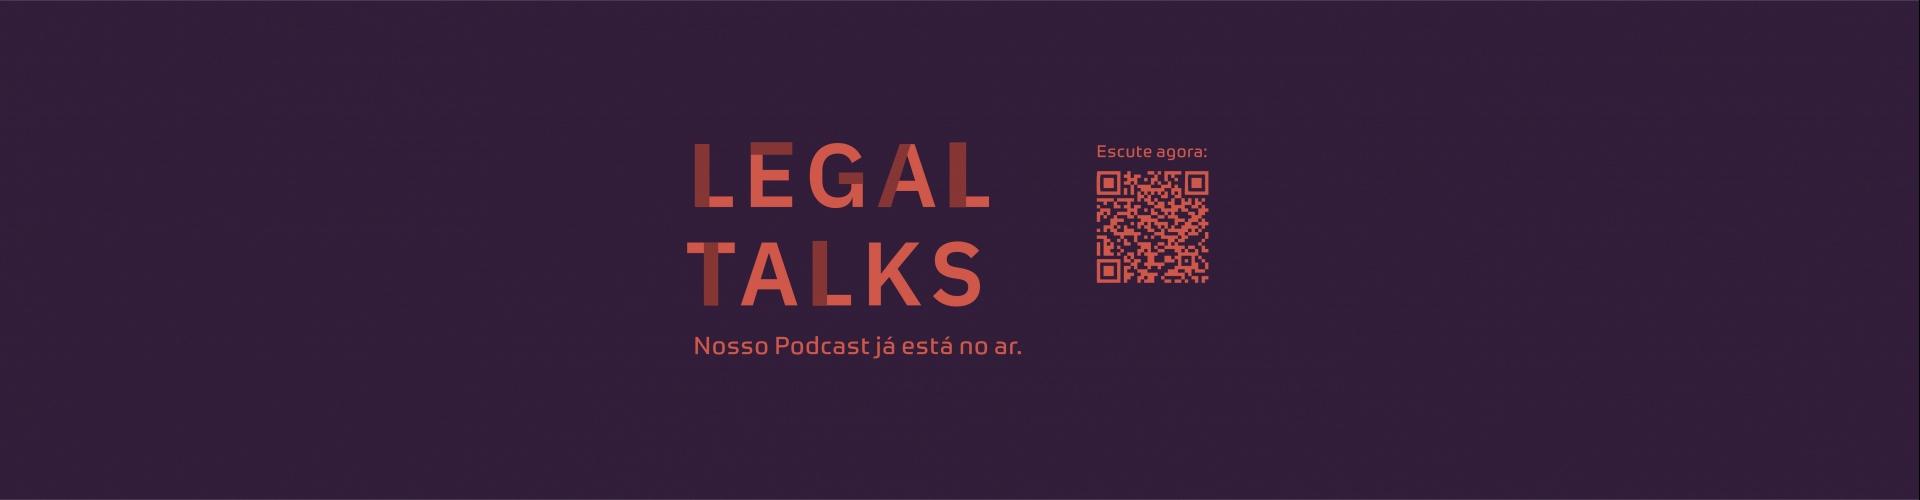 O Legal Talks, podcast de Queiroz Cavalcanti Advocacia, já está no ar!